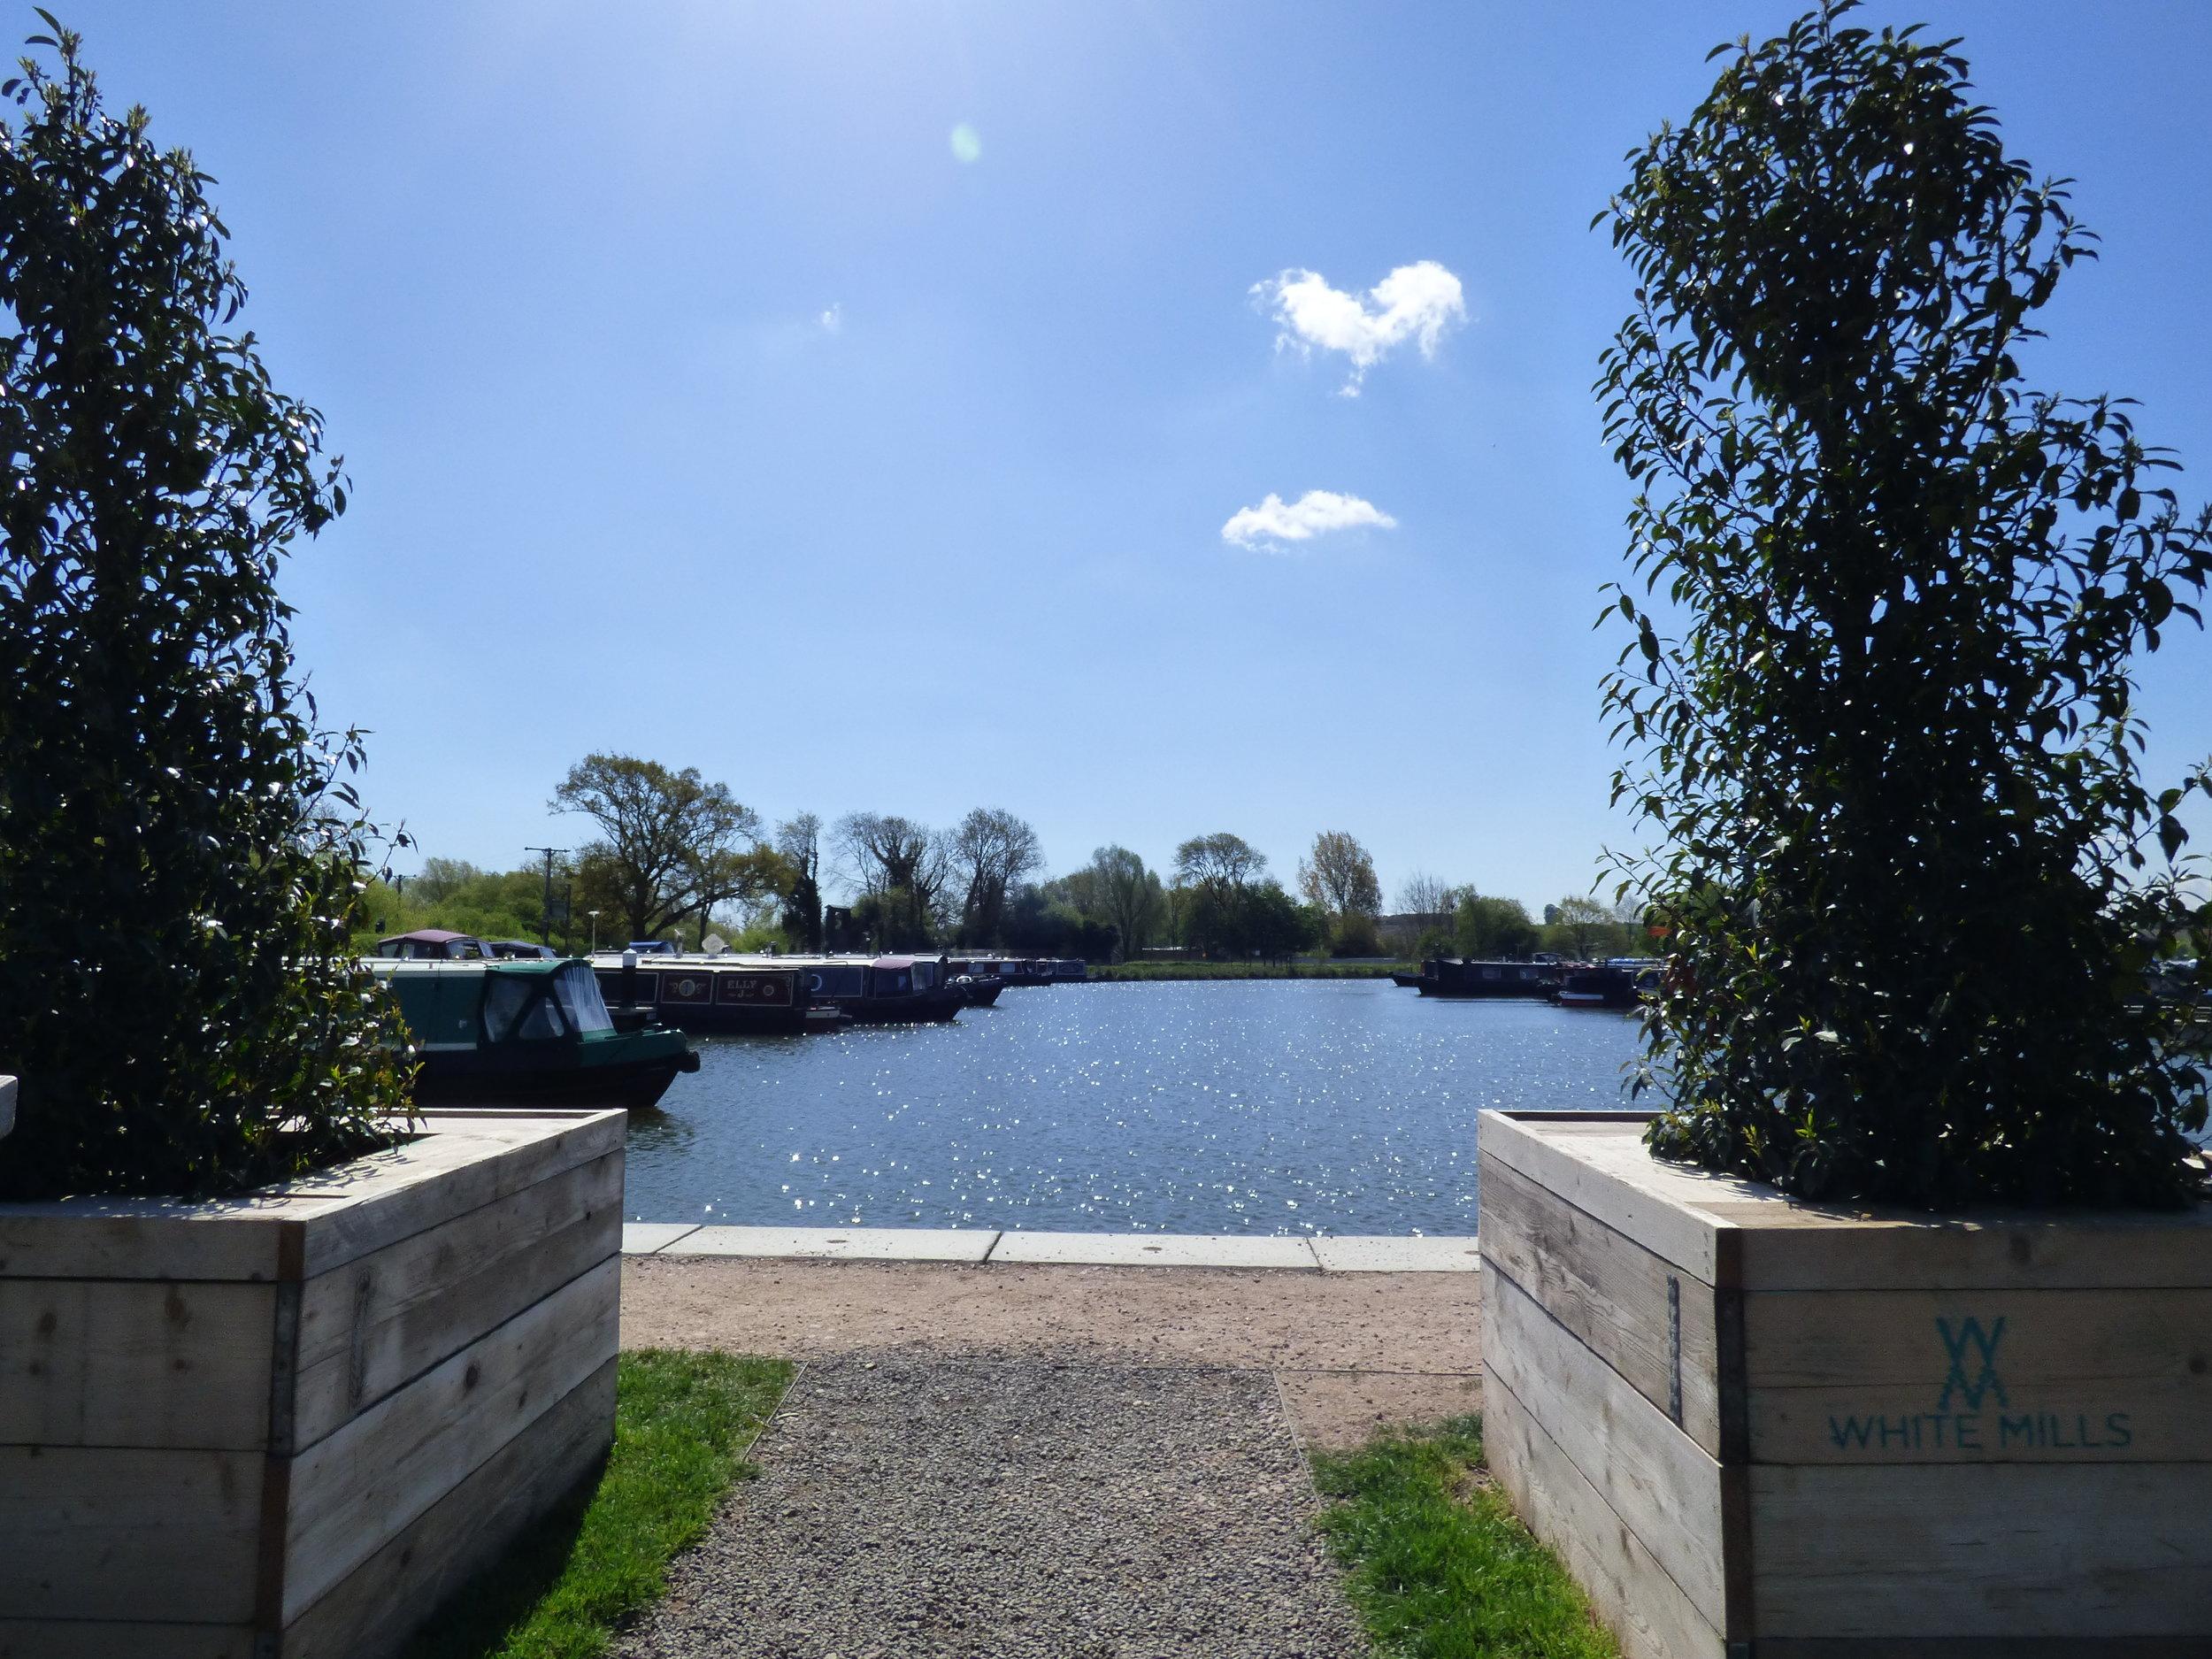 white_mills_marina_river_nene_nene_valley_open_day